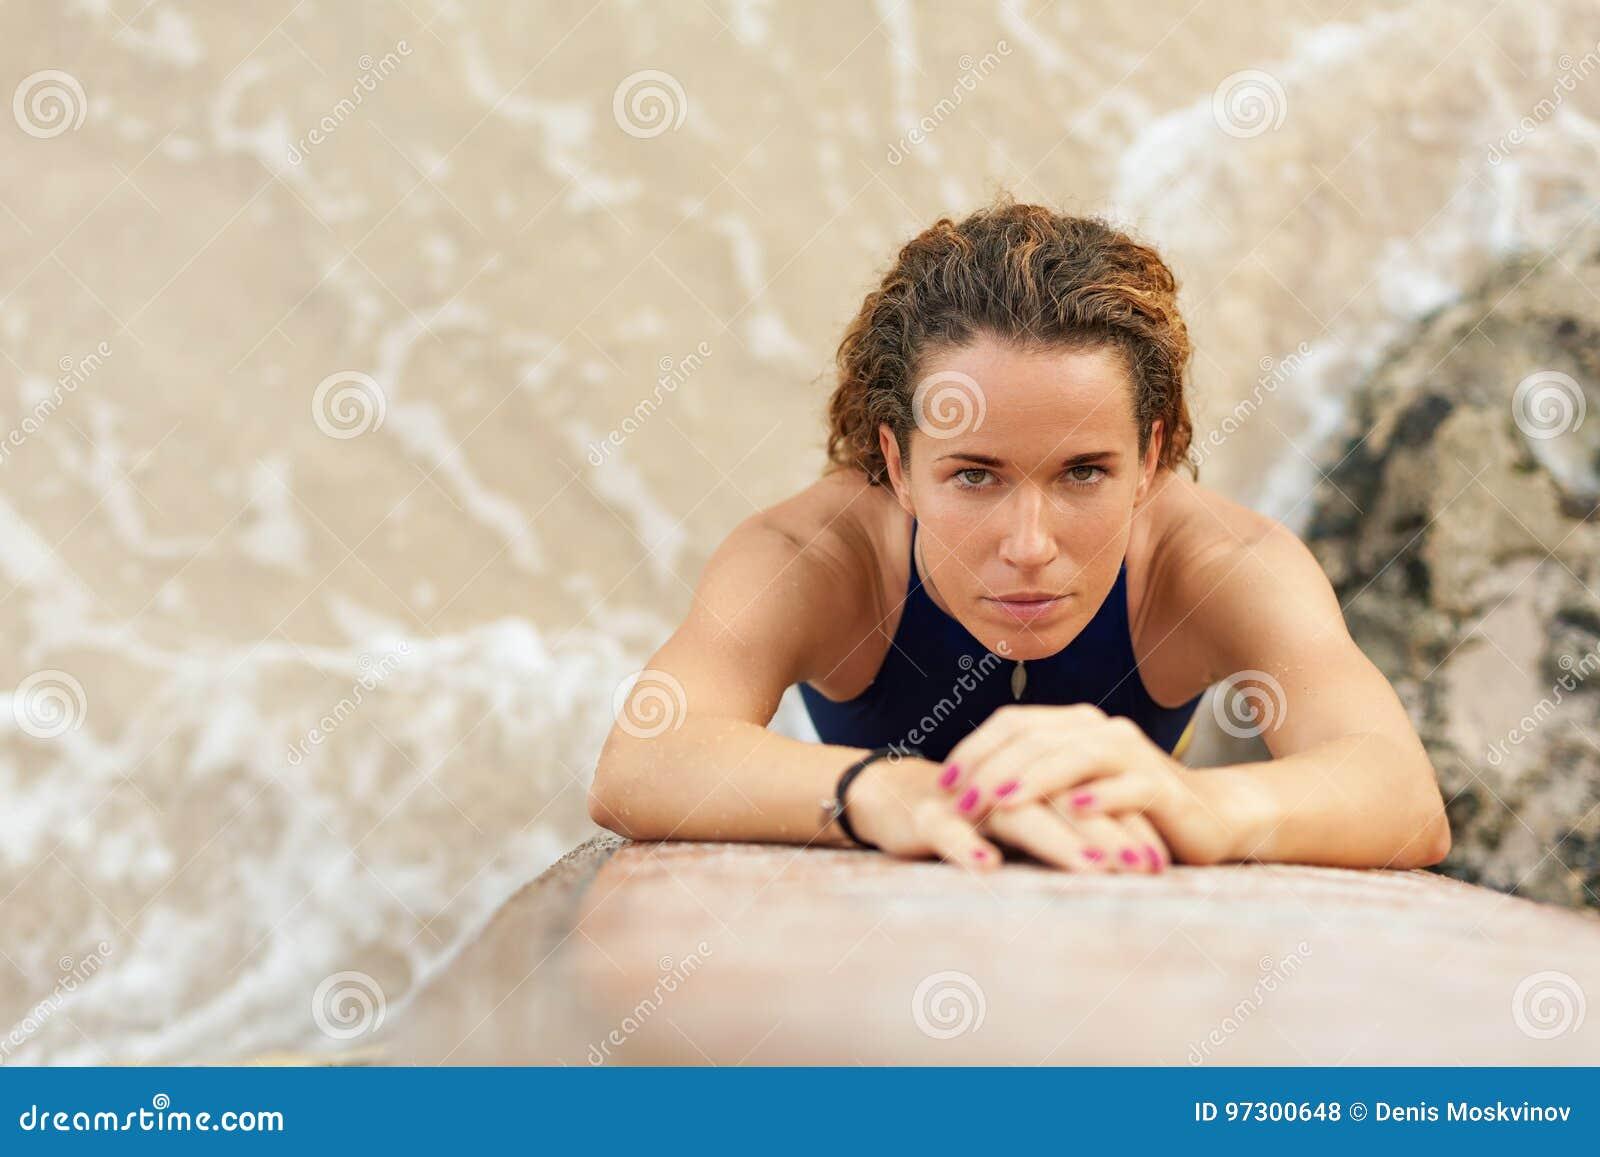 Menina do surfista do retrato no biquini com a prancha na praia